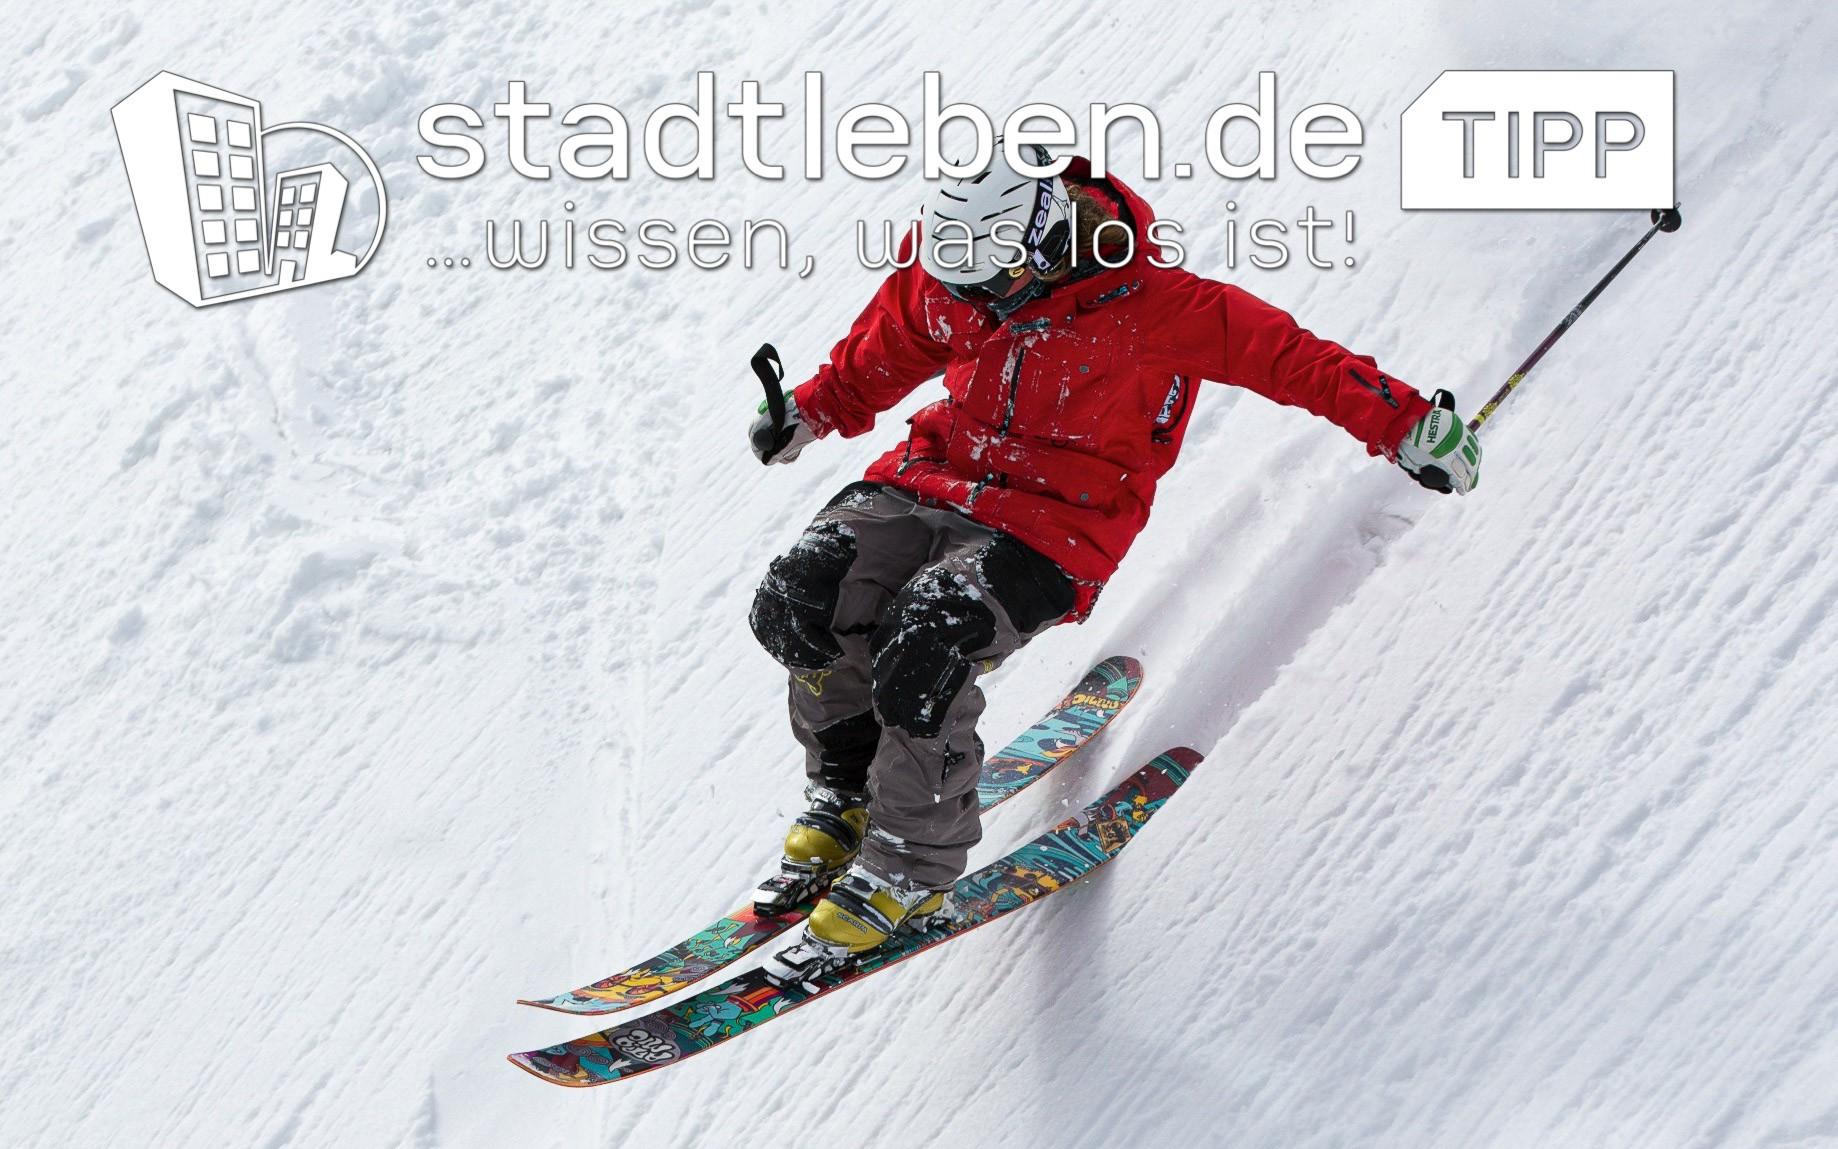 Schneehügel, Piste, Skifahrer